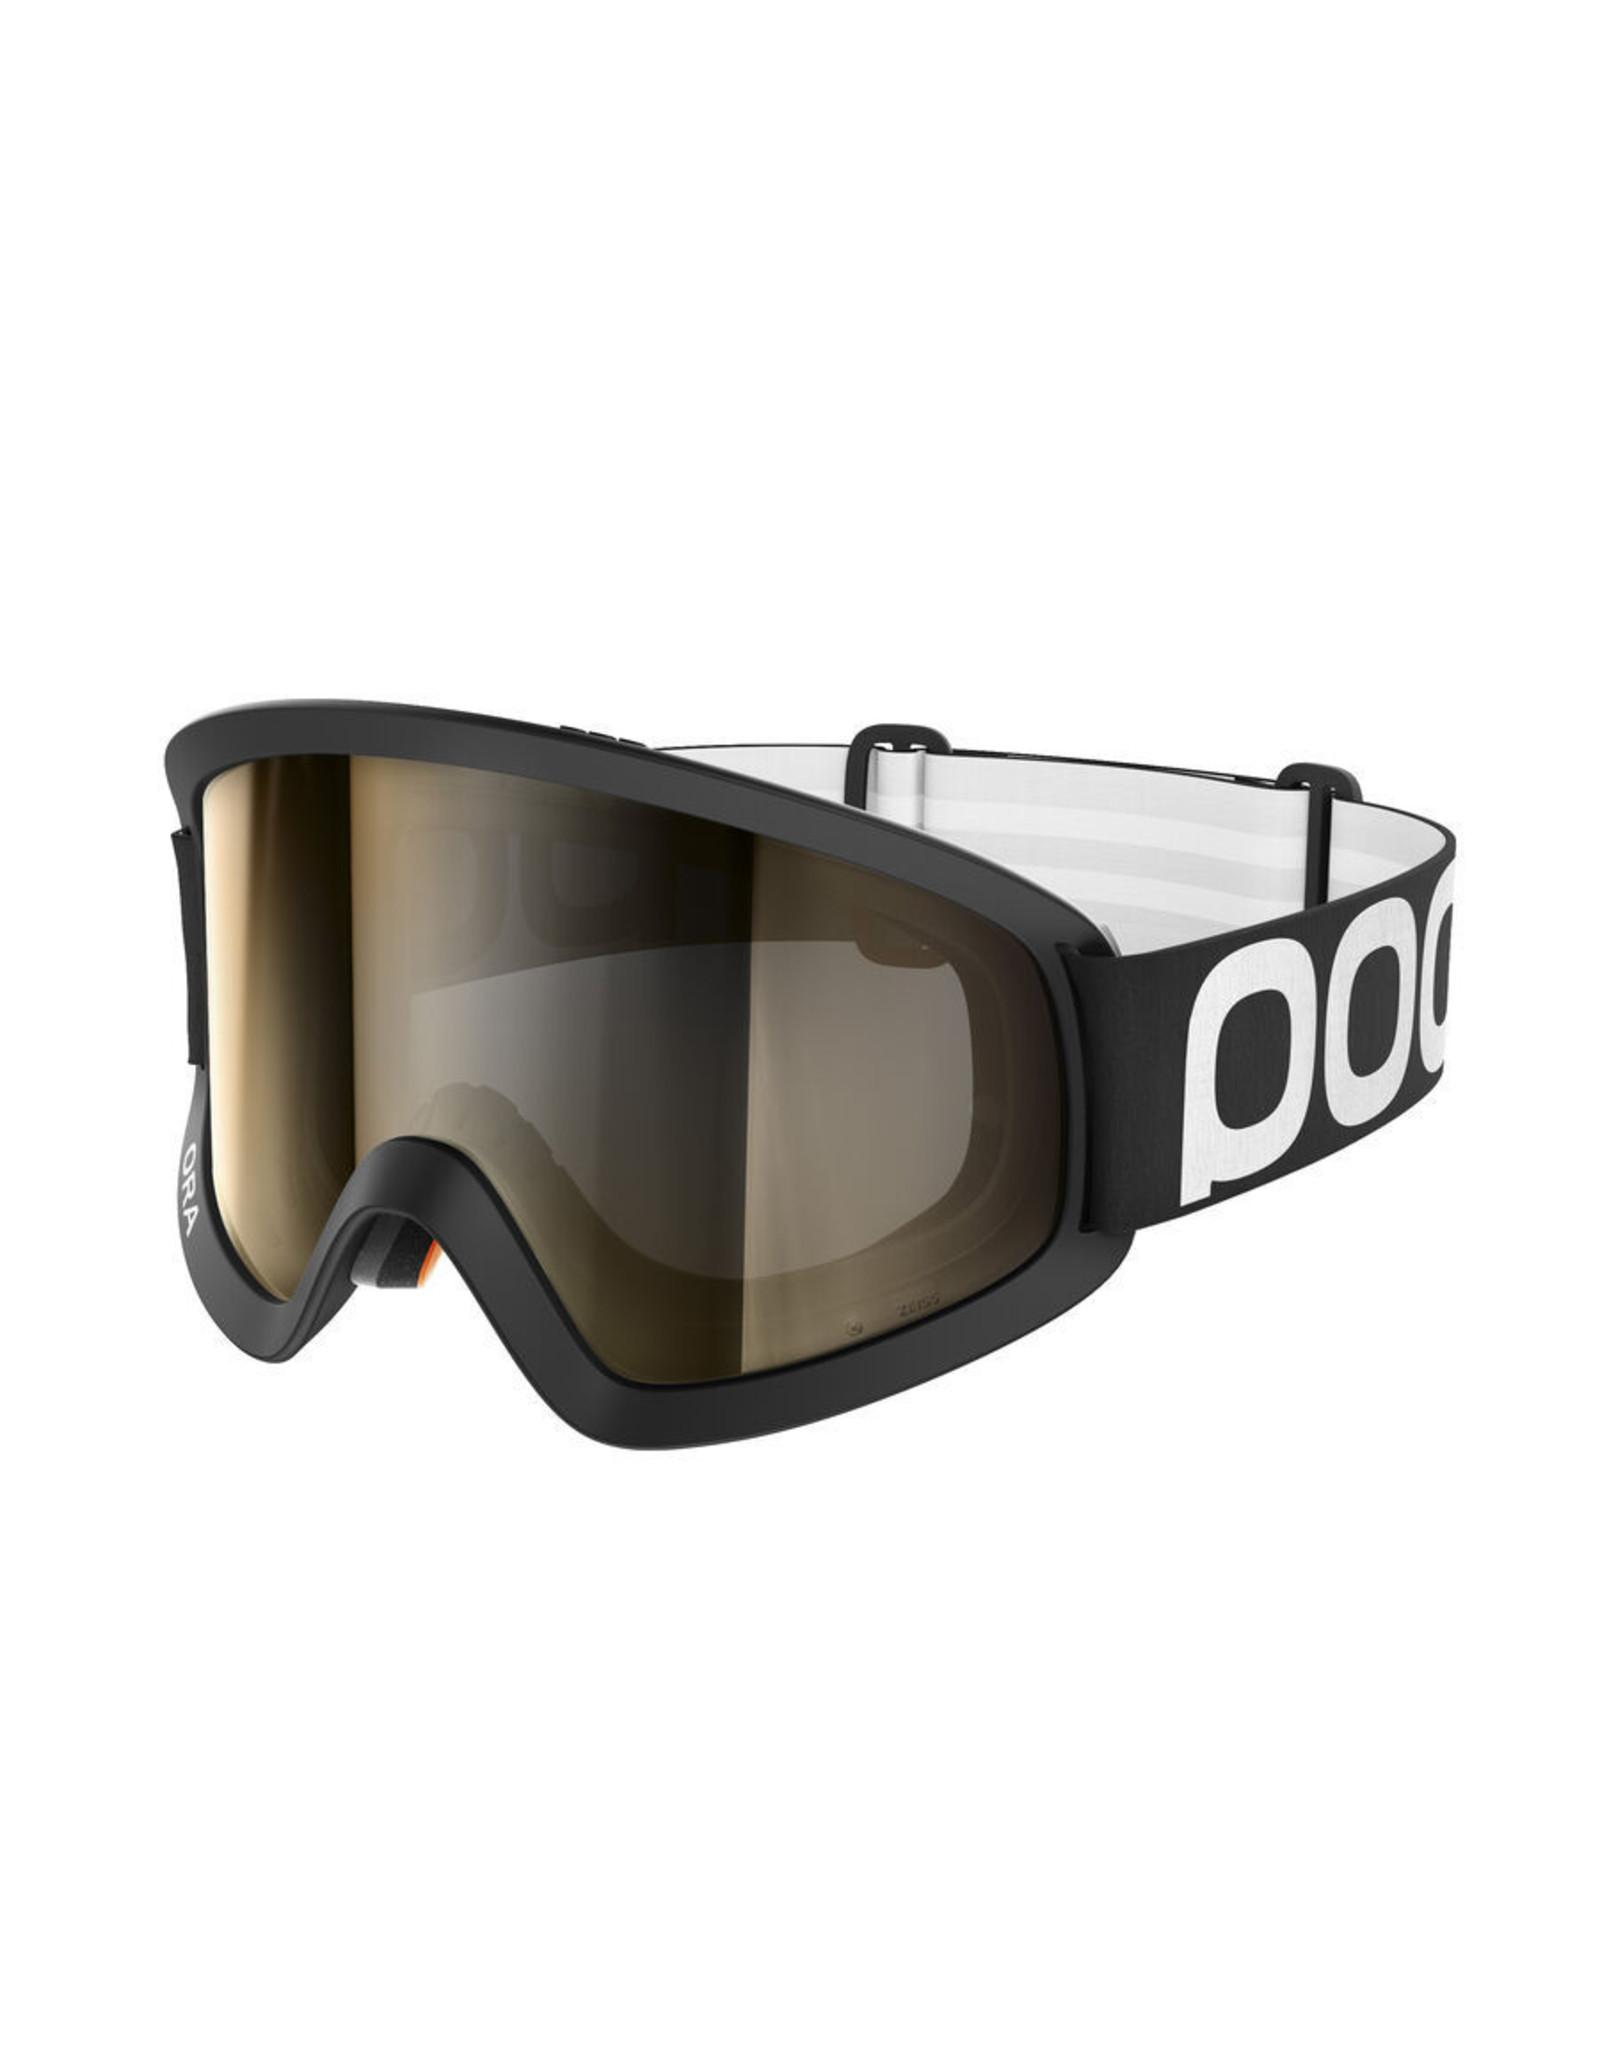 POC POC Ora Clarity Goggles